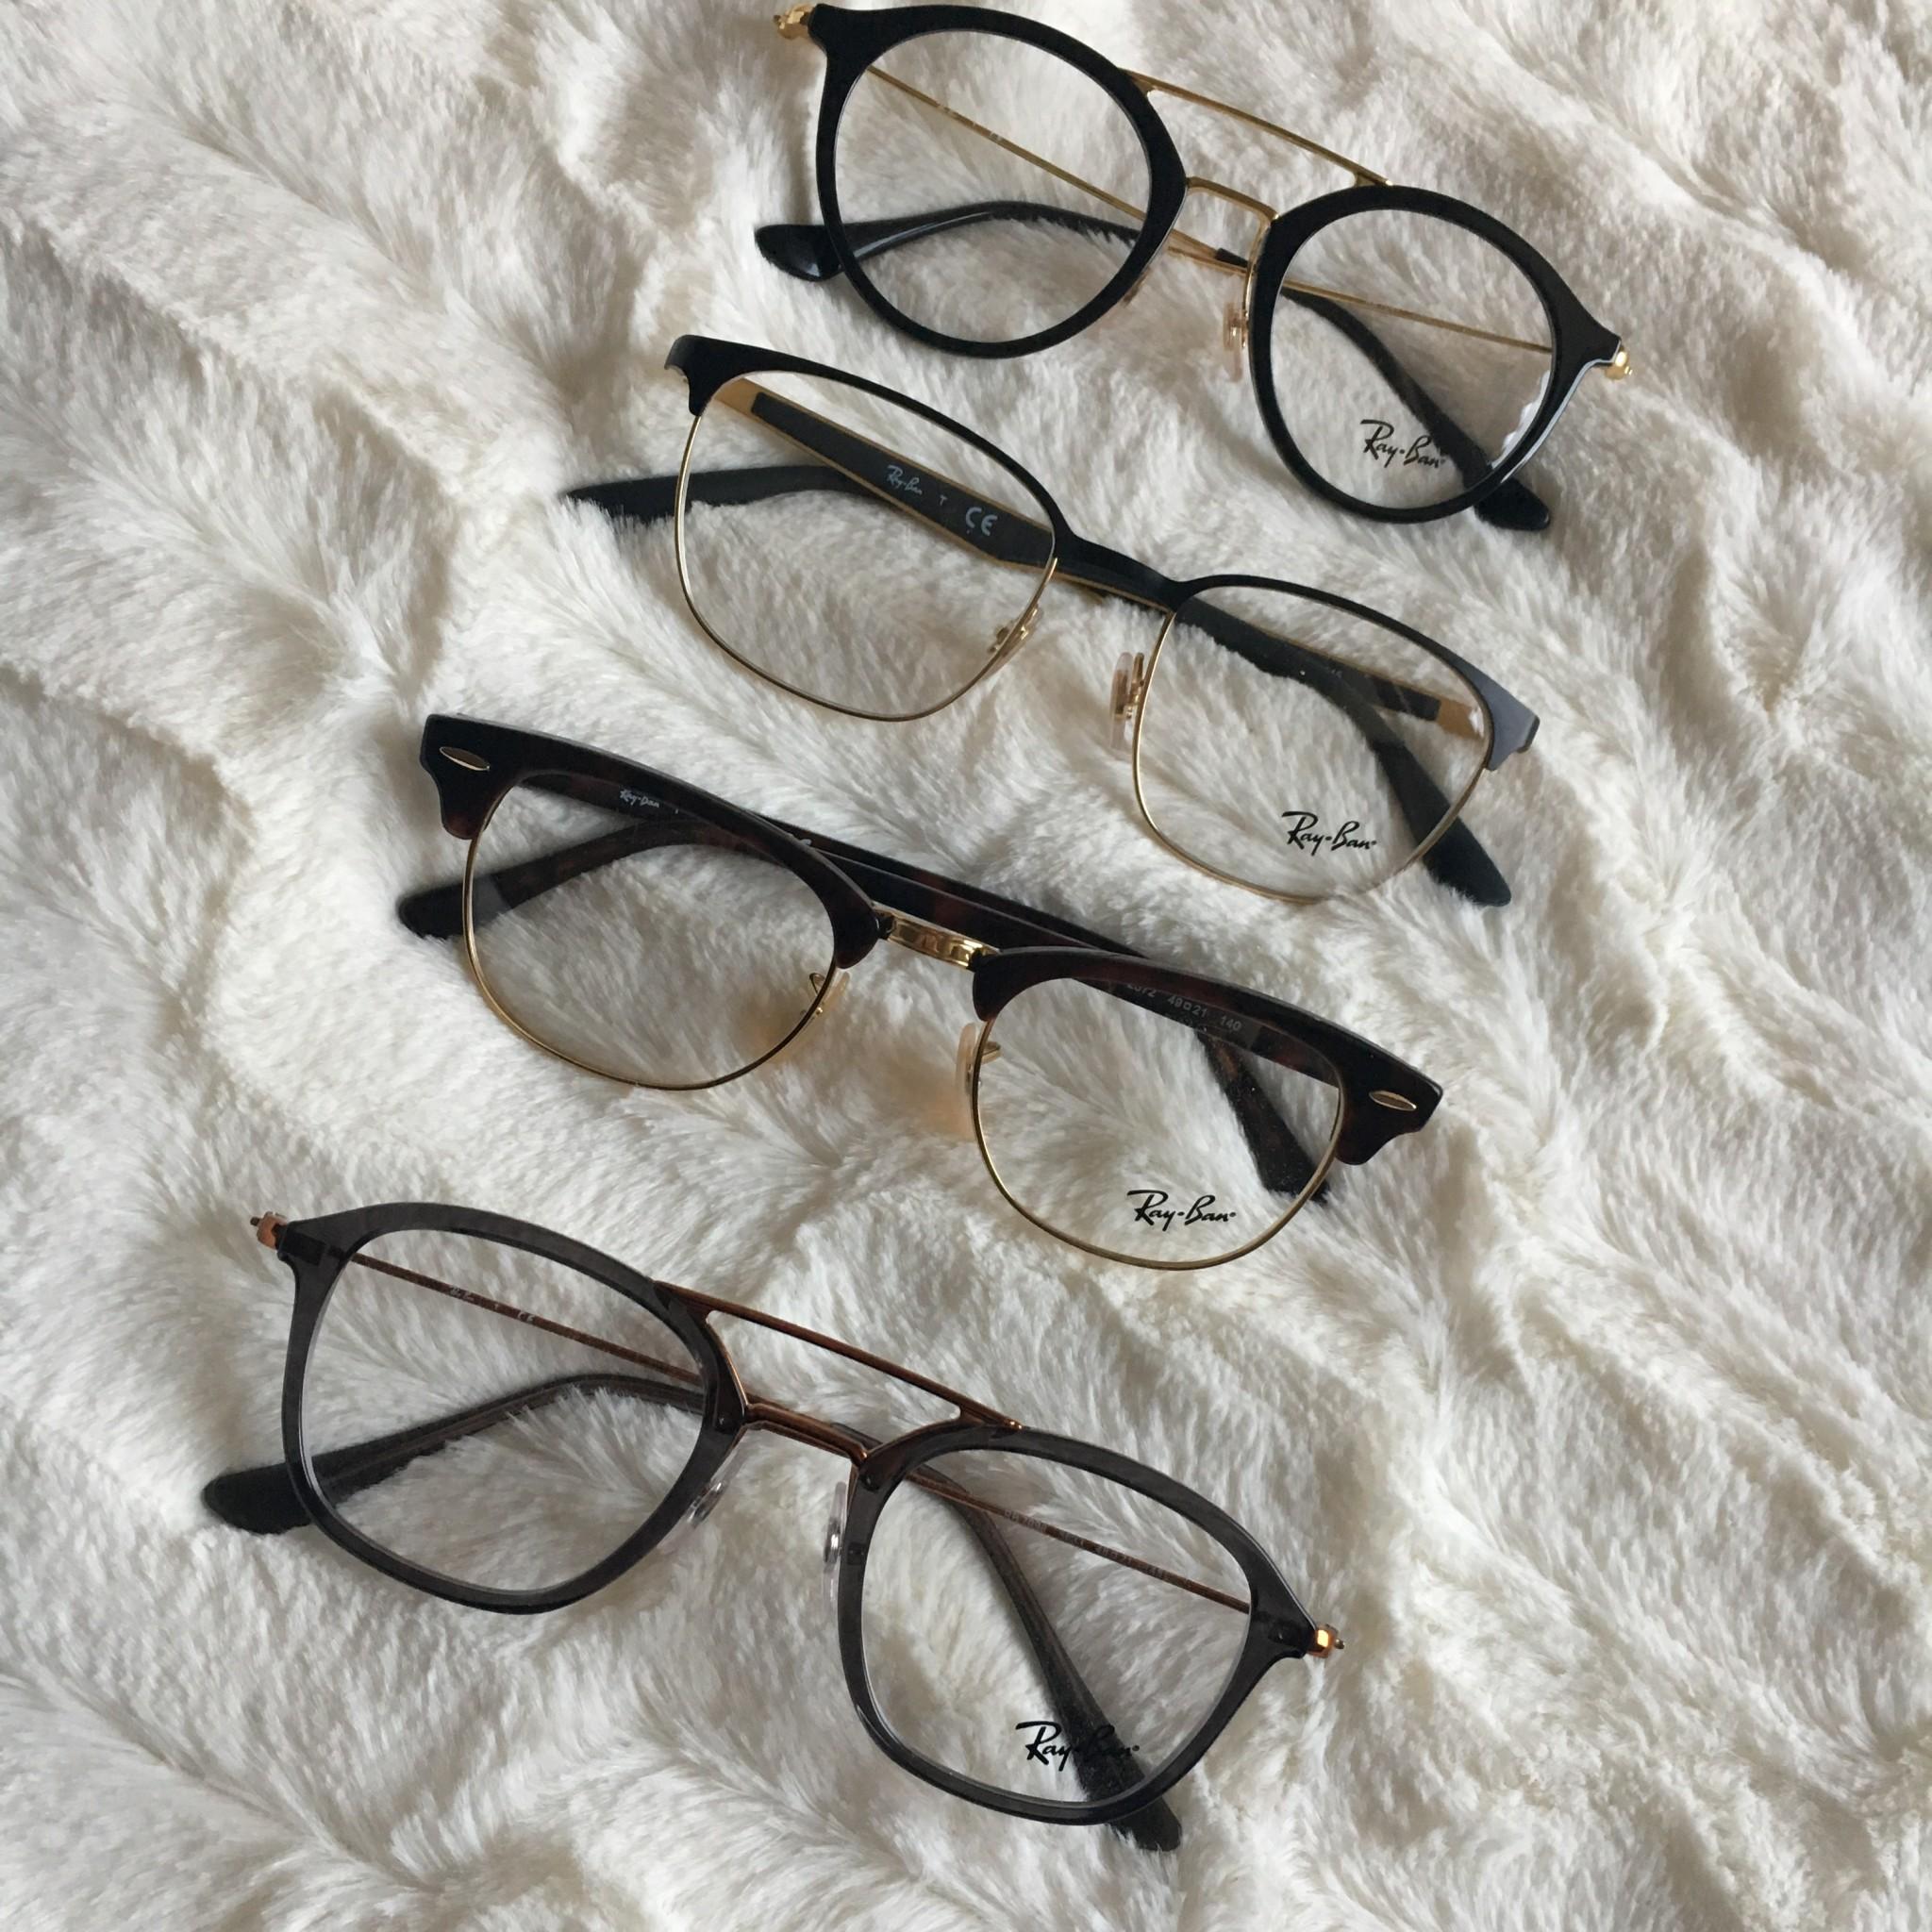 die neue brille online kaufen wie soll das denn. Black Bedroom Furniture Sets. Home Design Ideas